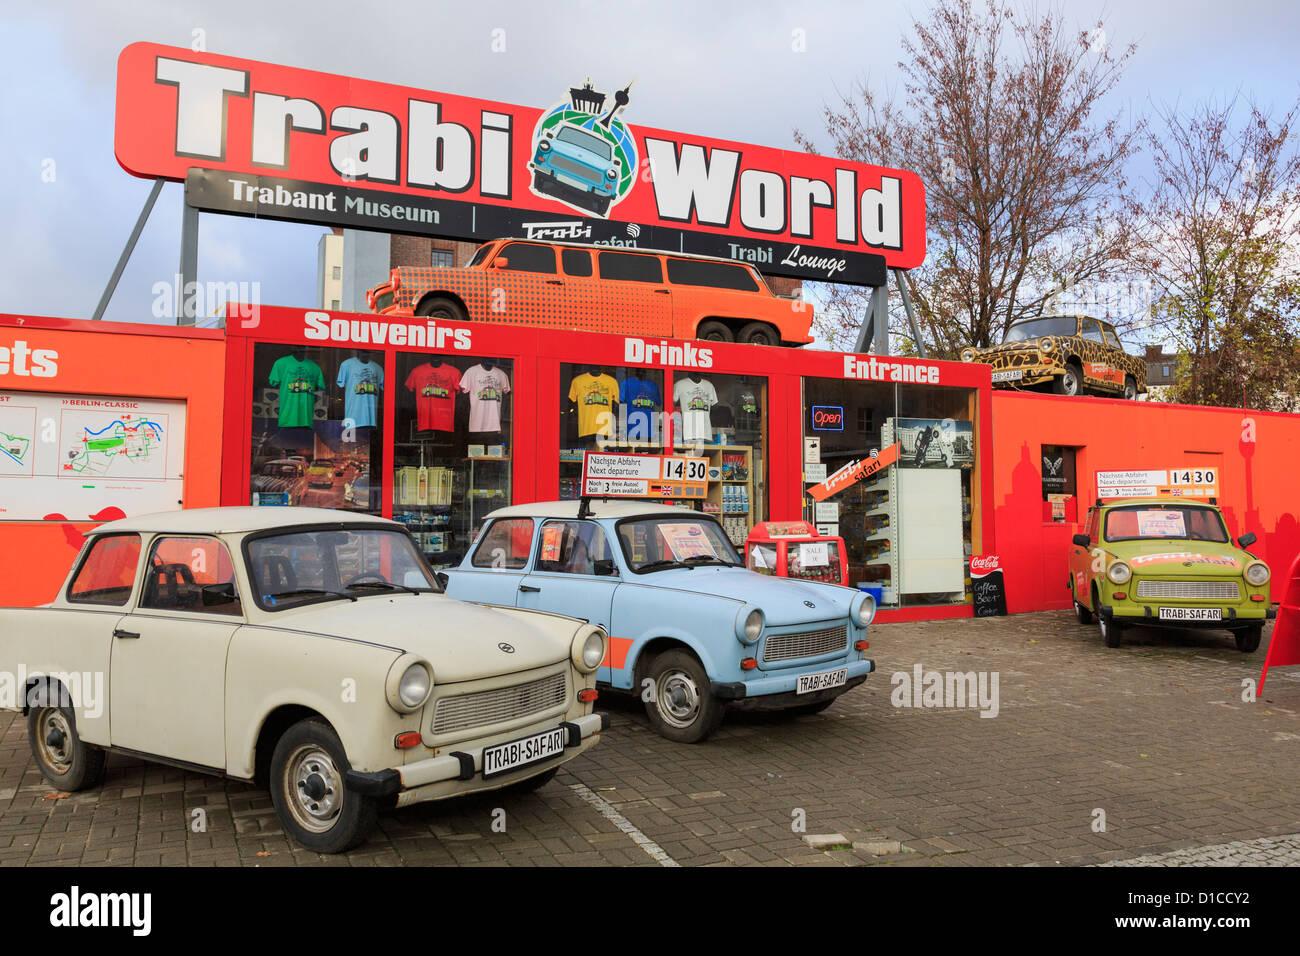 Trabi World Trabant car museum and safari in Berlin, Germany Stock ...